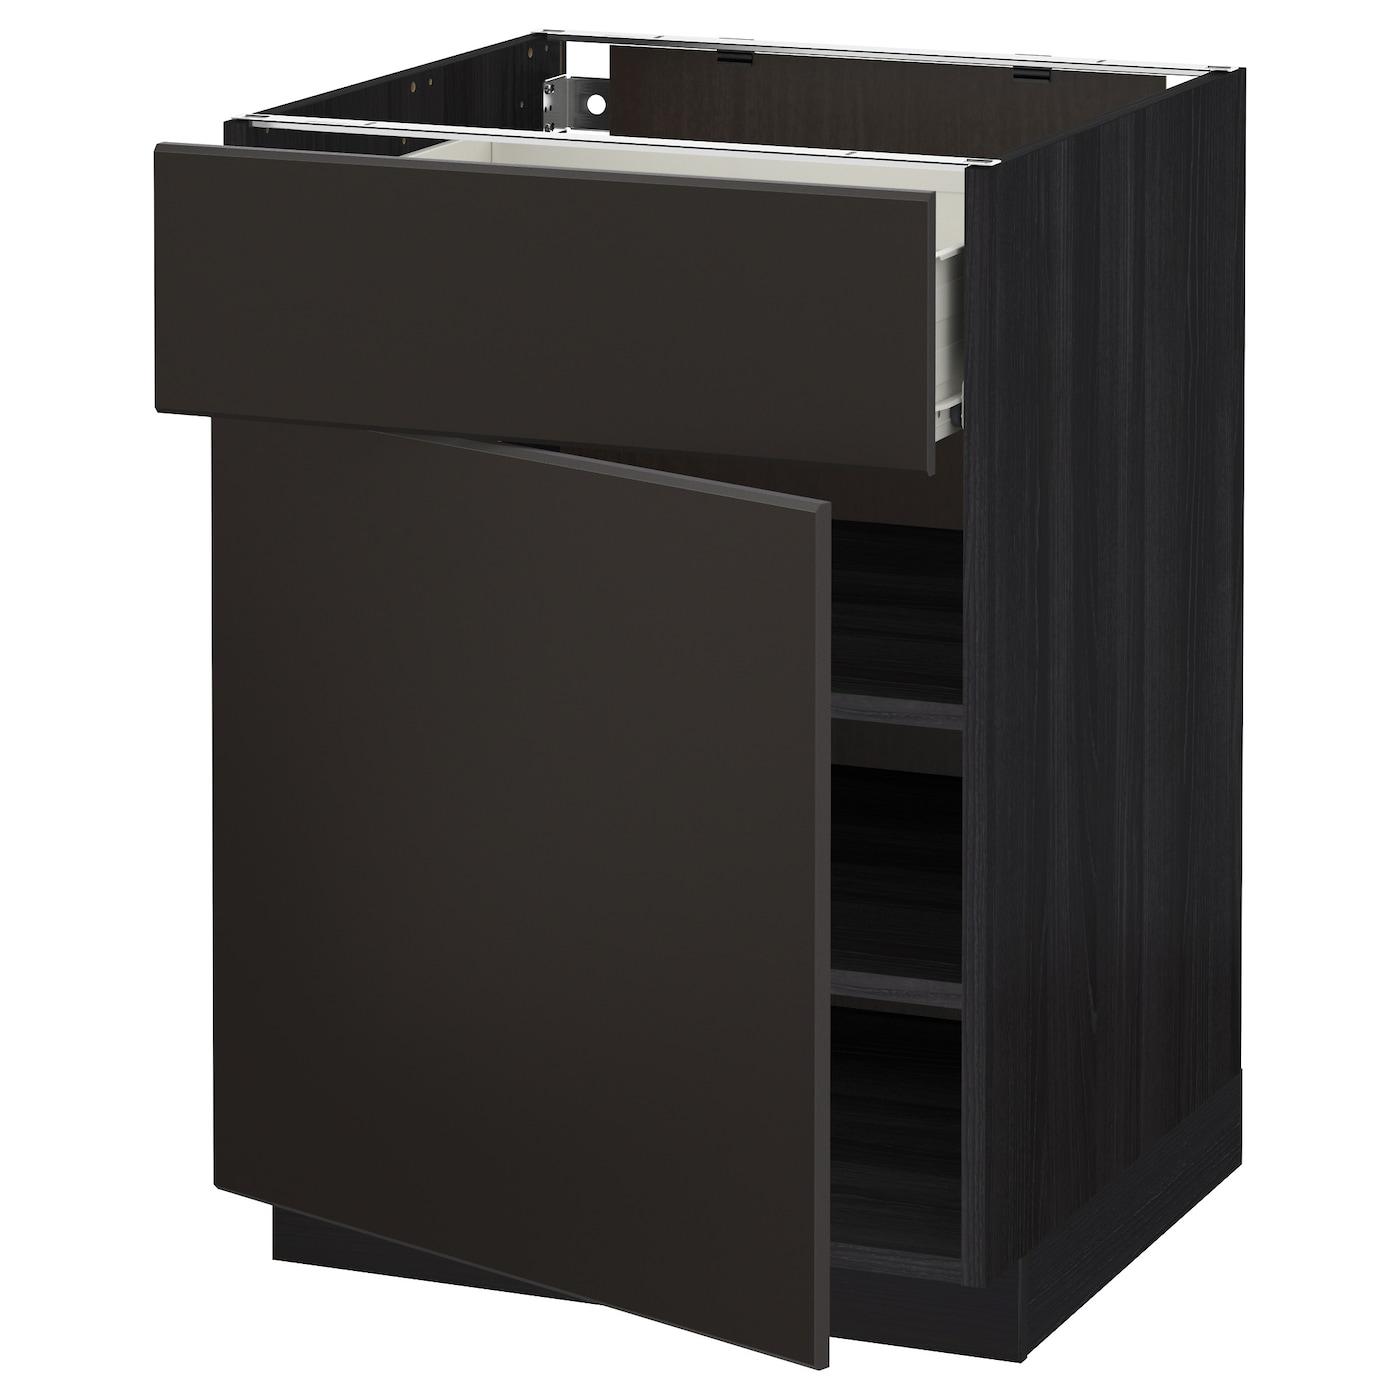 metod f rvara base cabinet with drawer door black kungsbacka anthracite 60x60 cm ikea. Black Bedroom Furniture Sets. Home Design Ideas